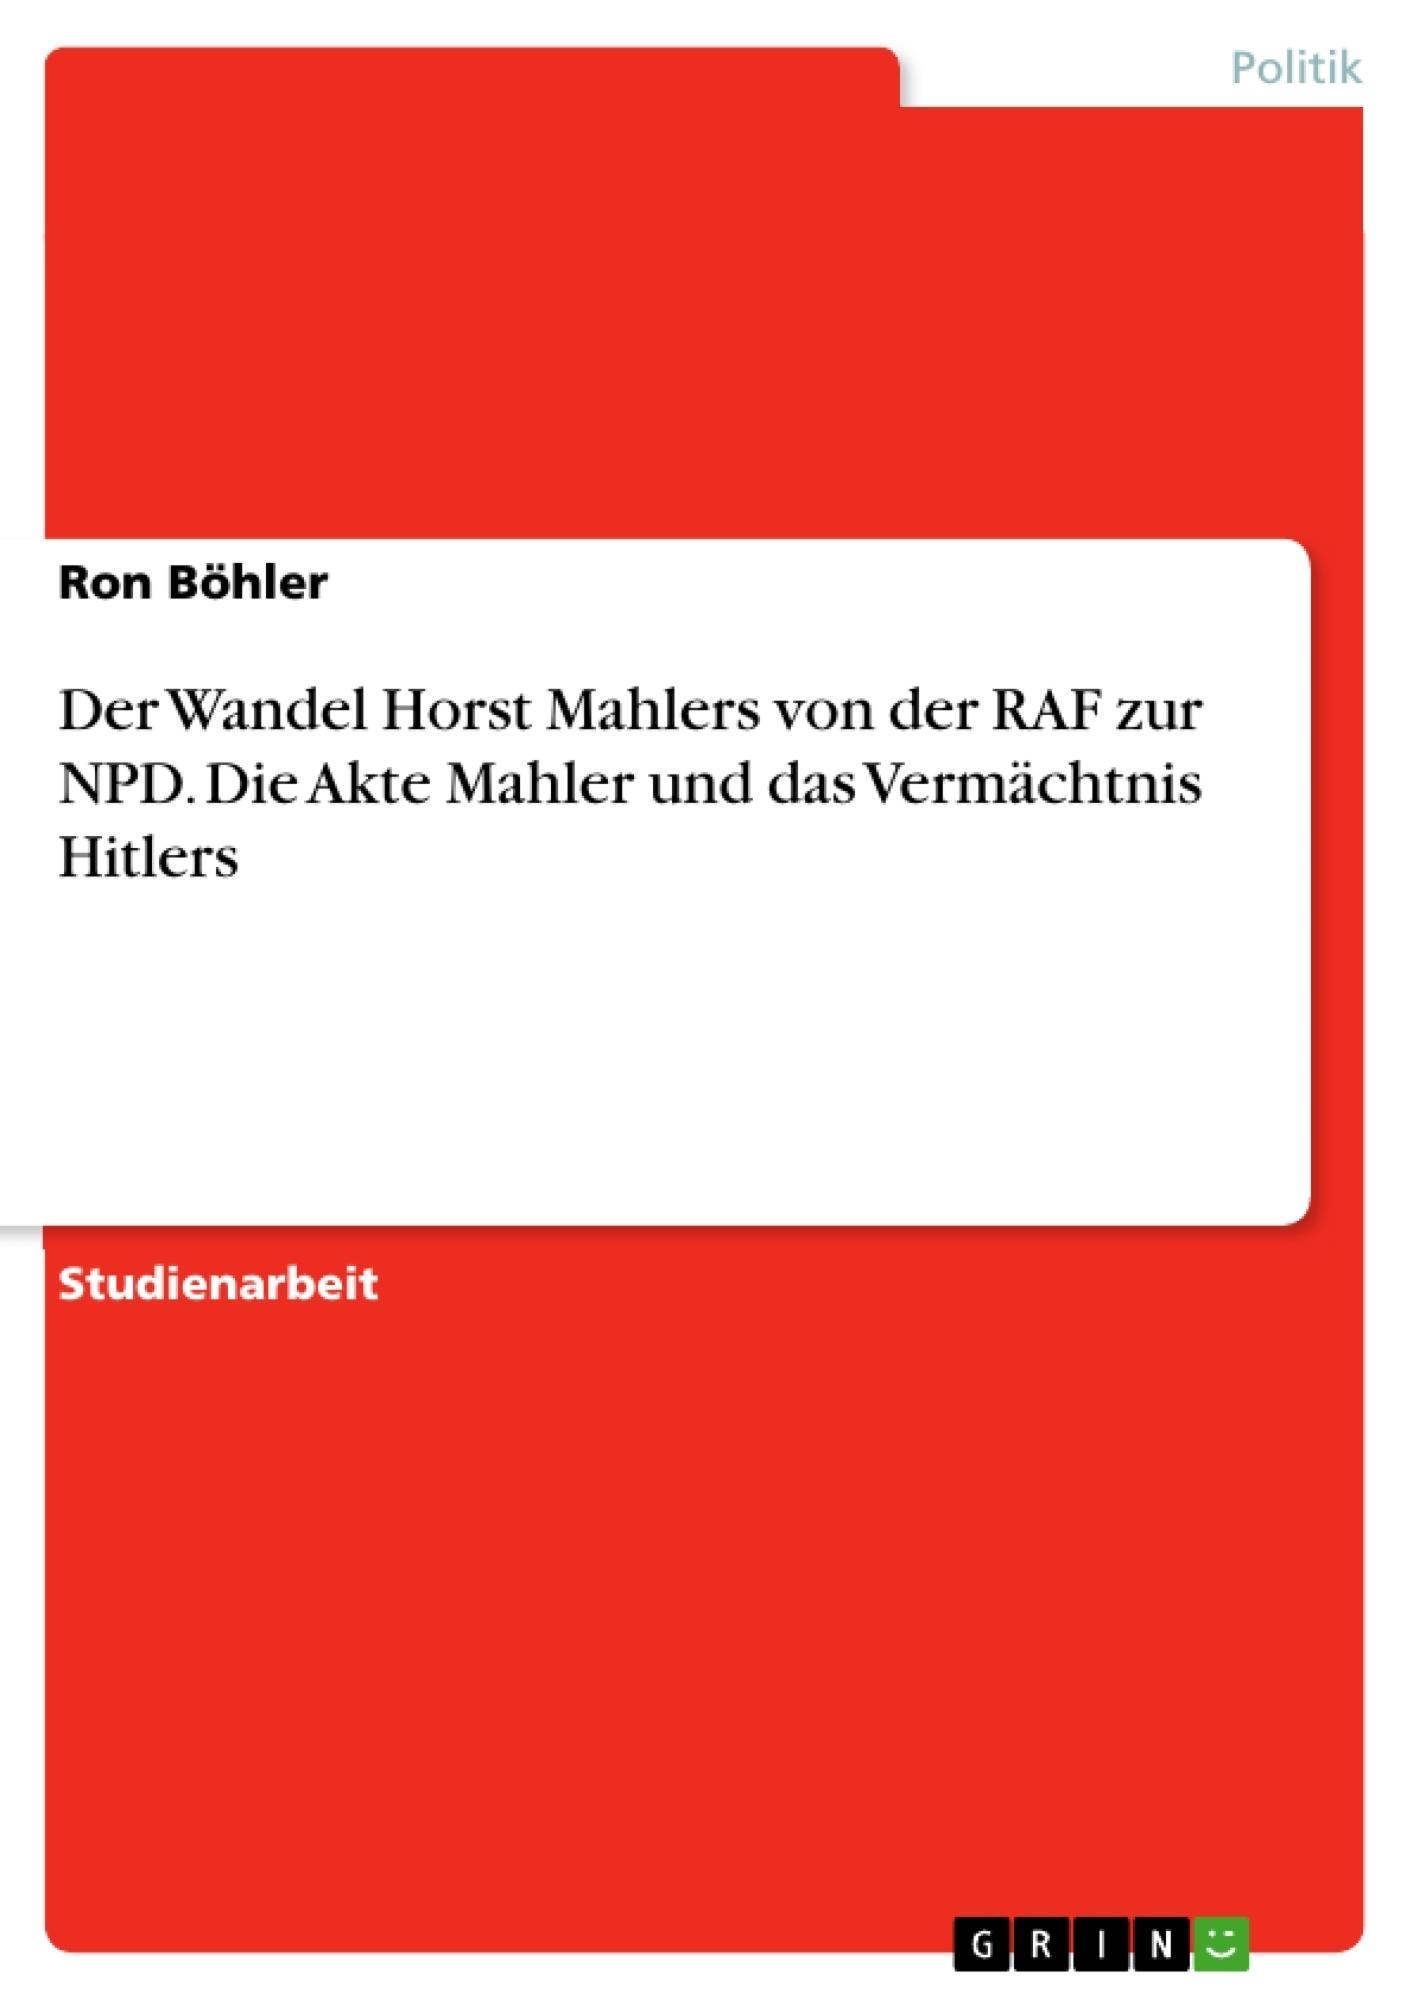 Titel: Der Wandel Horst Mahlers von der RAF zur NPD. Die Akte Mahler und das Vermächtnis Hitlers